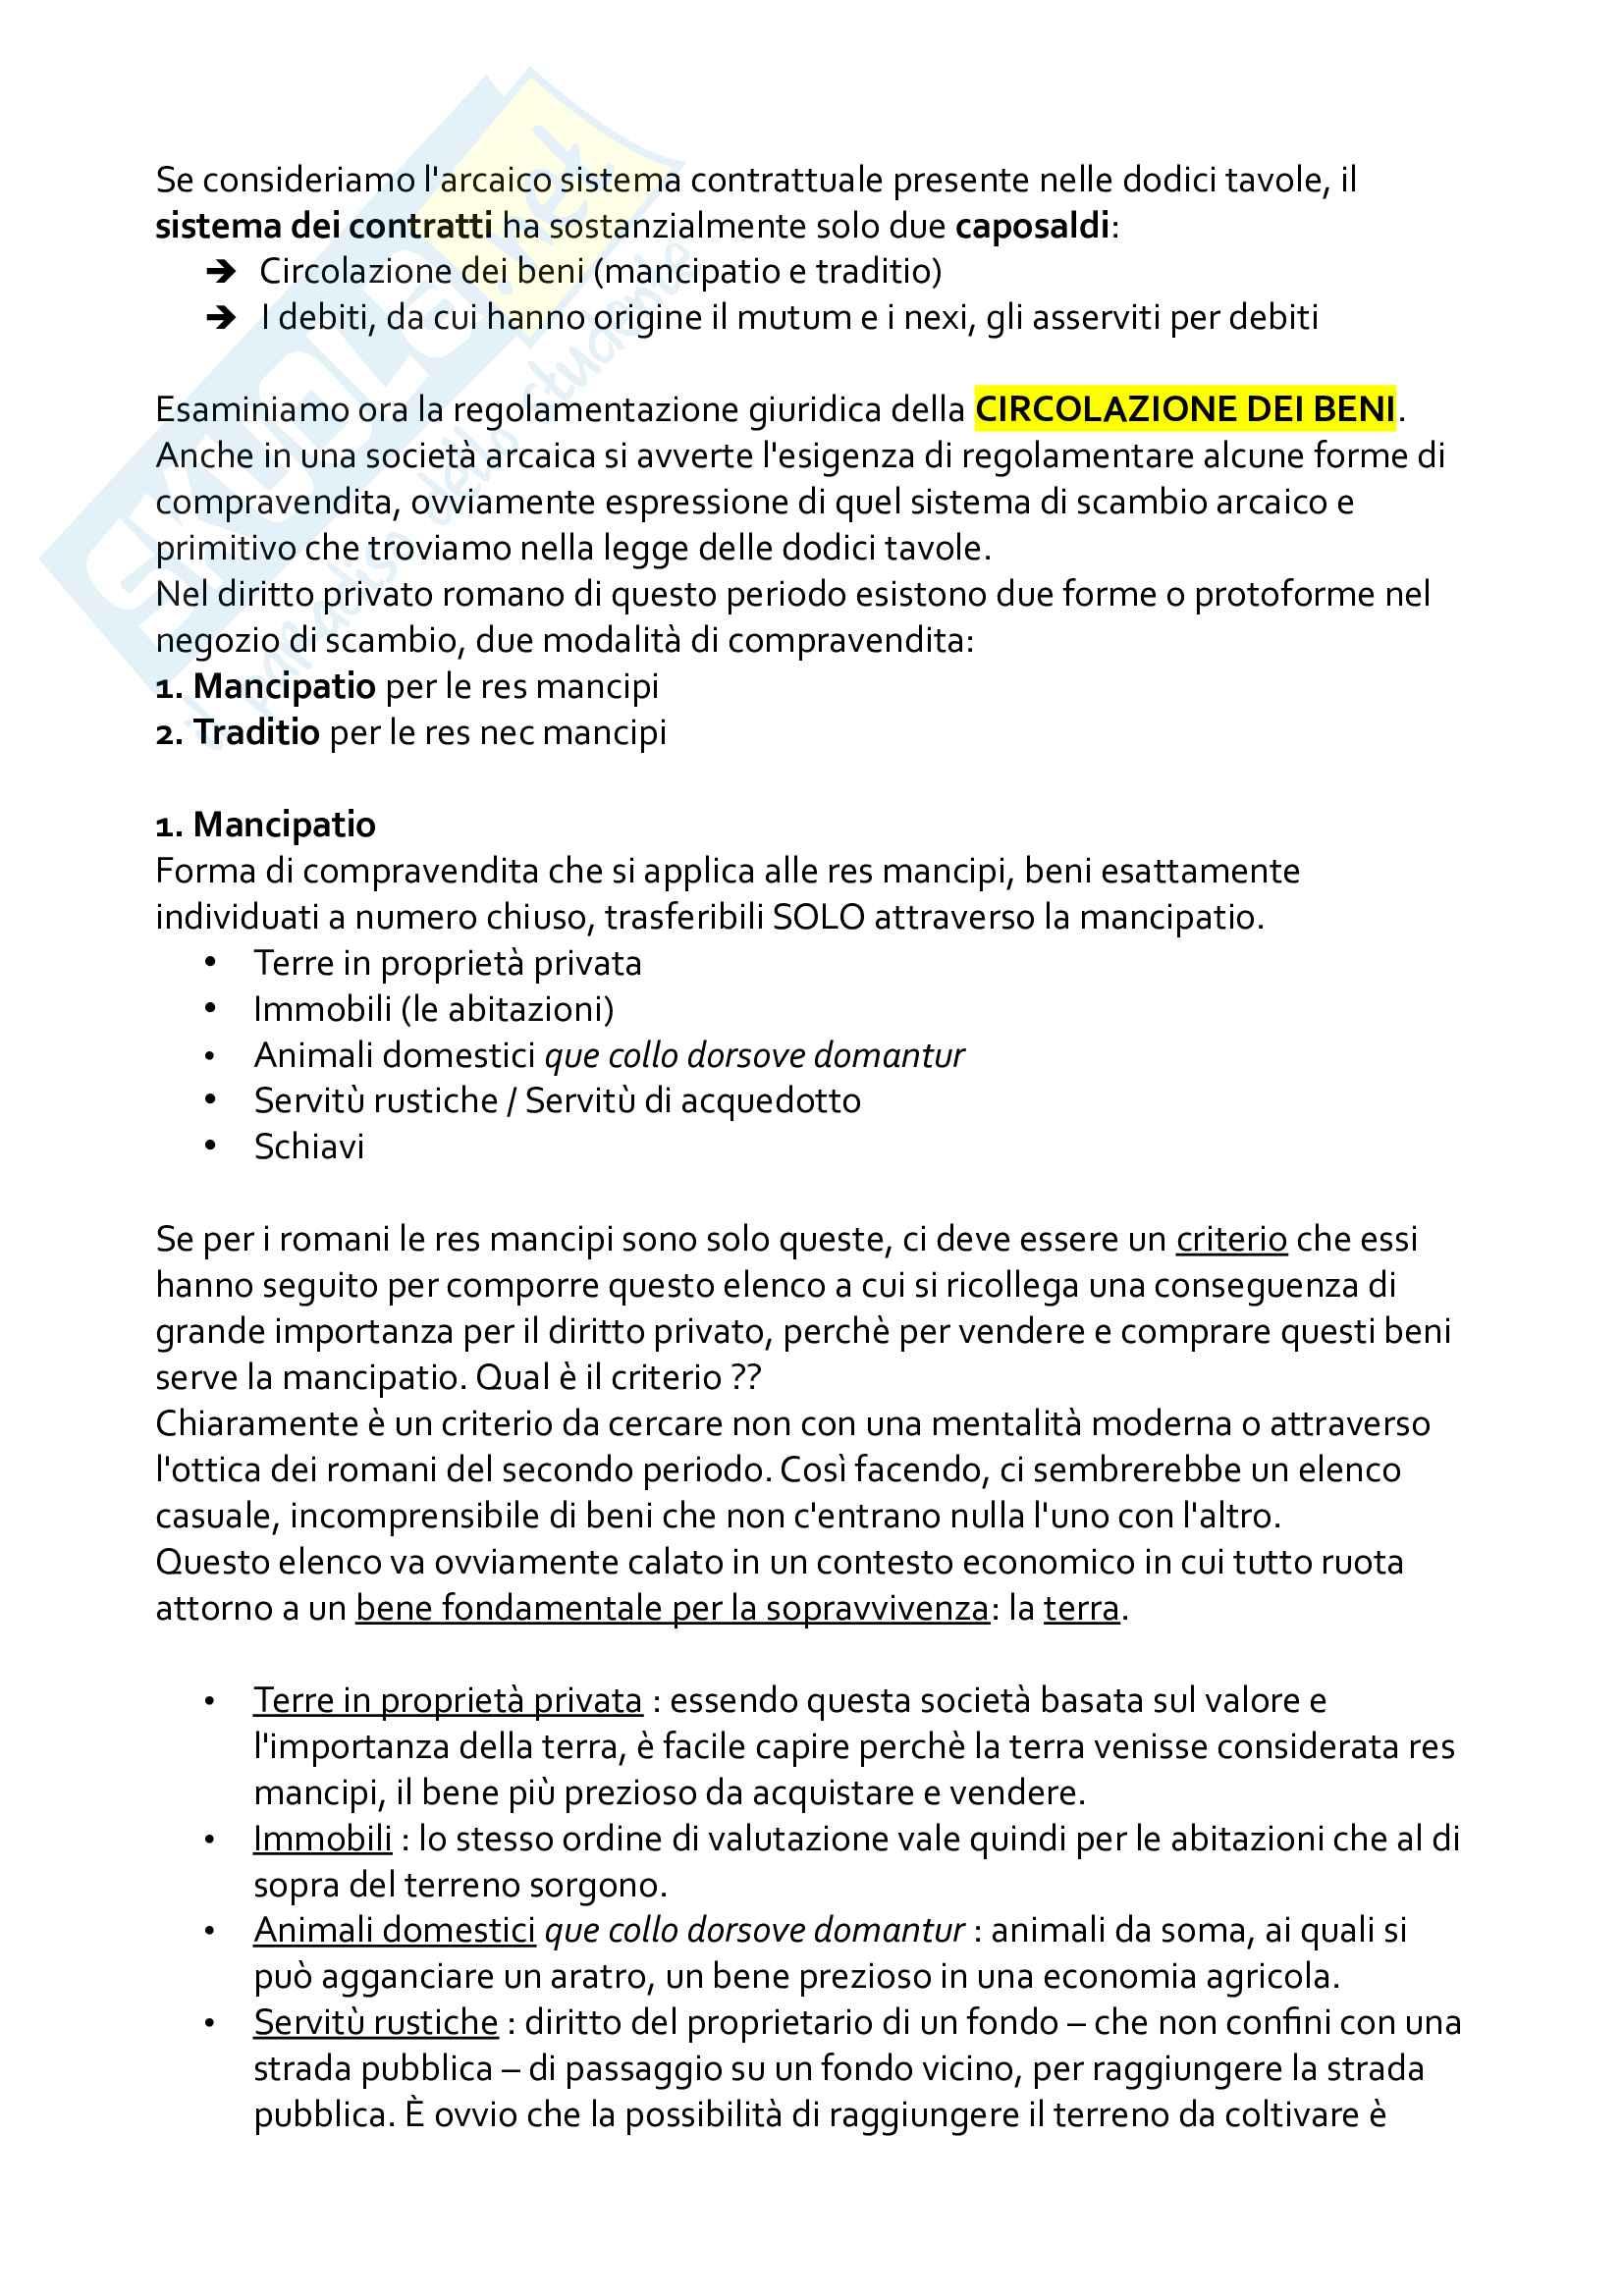 Riassunto esame Istituzioni di diritto romano, prof. Pesaresi, libro consigliato Diritto privato economia e società nella storia di Roma di Serrao e Diritto privato romano, Lovato, Puliatti, Solidoro Pag. 26